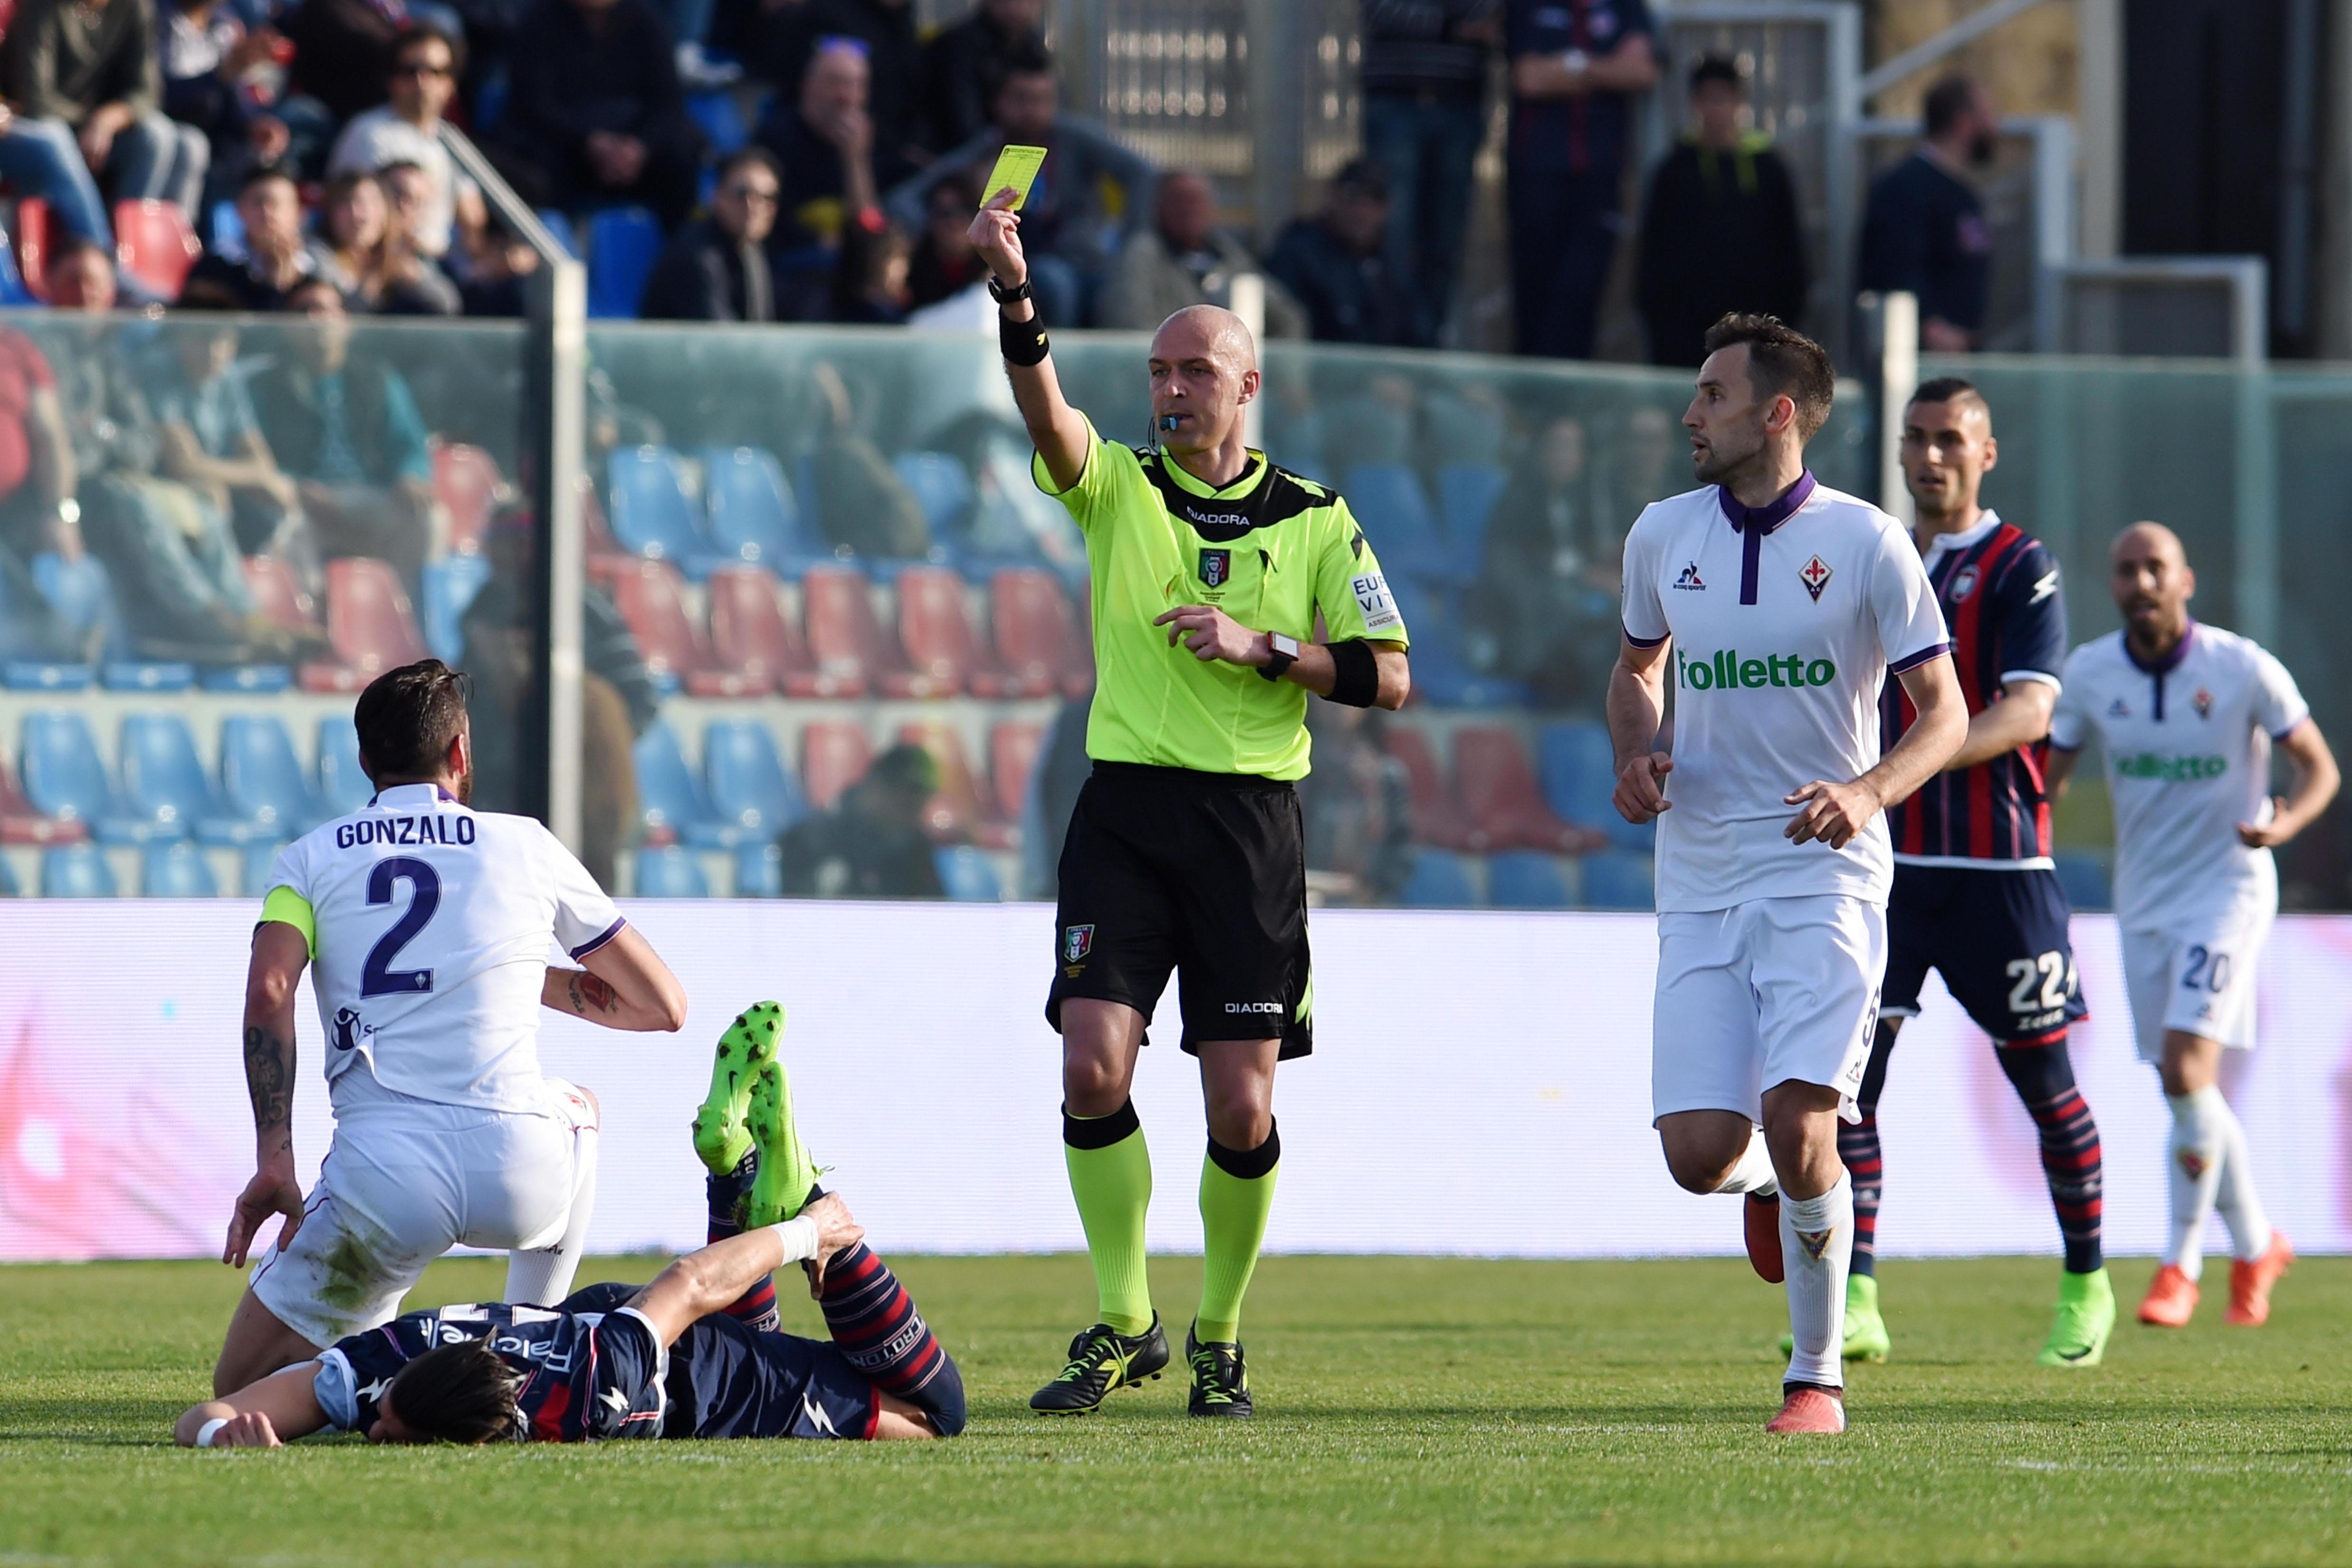 Crotone-Fiorentina, arrestato tifoso di CatanzaroE Vrenna attacca la classe arbitrale per un rigore